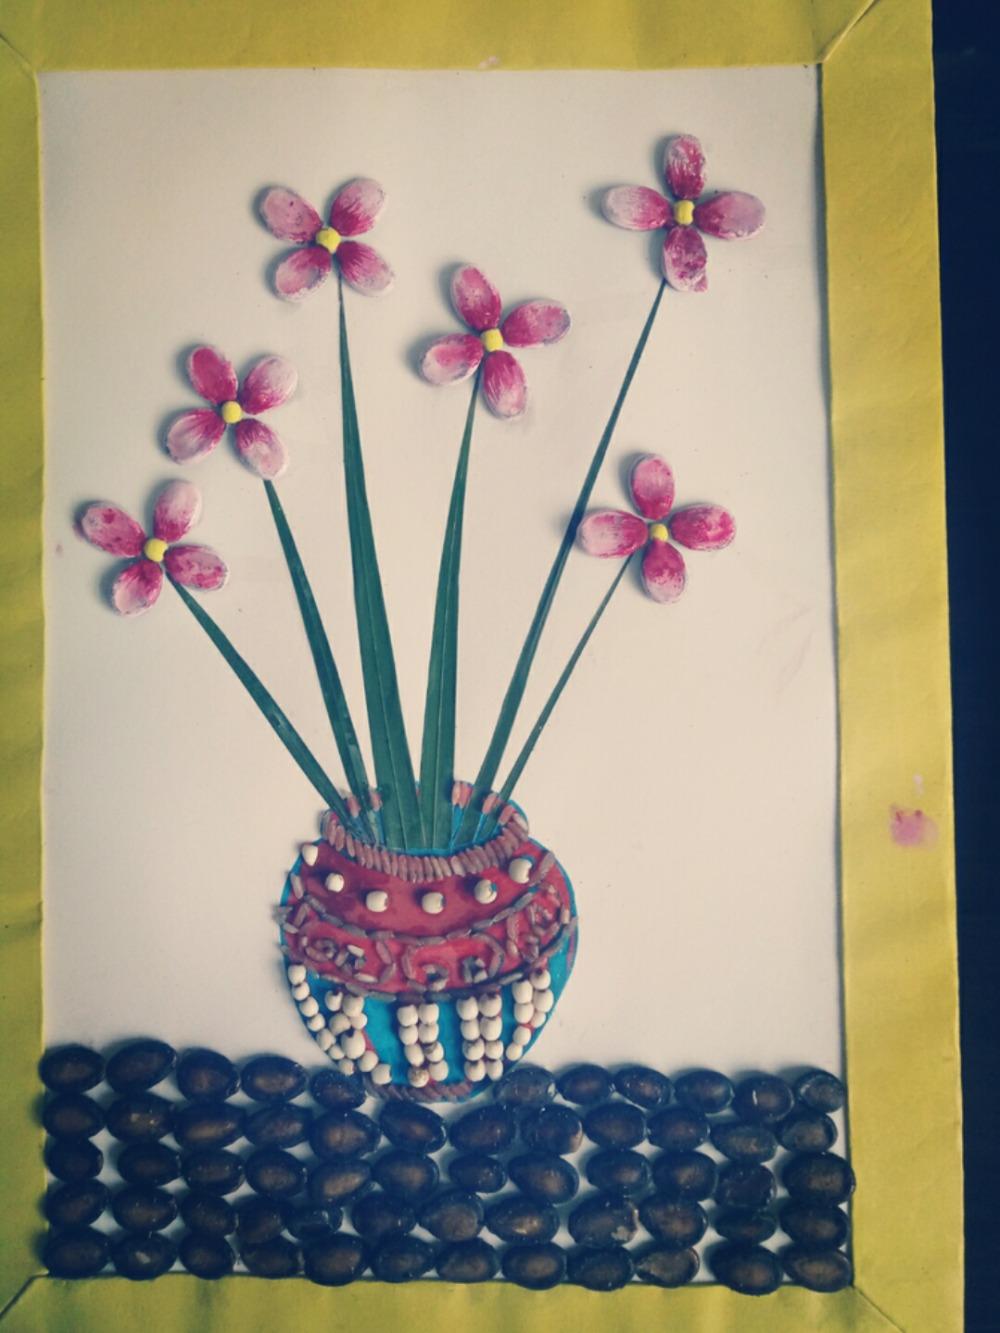 果壳贴画---《花儿朵朵》